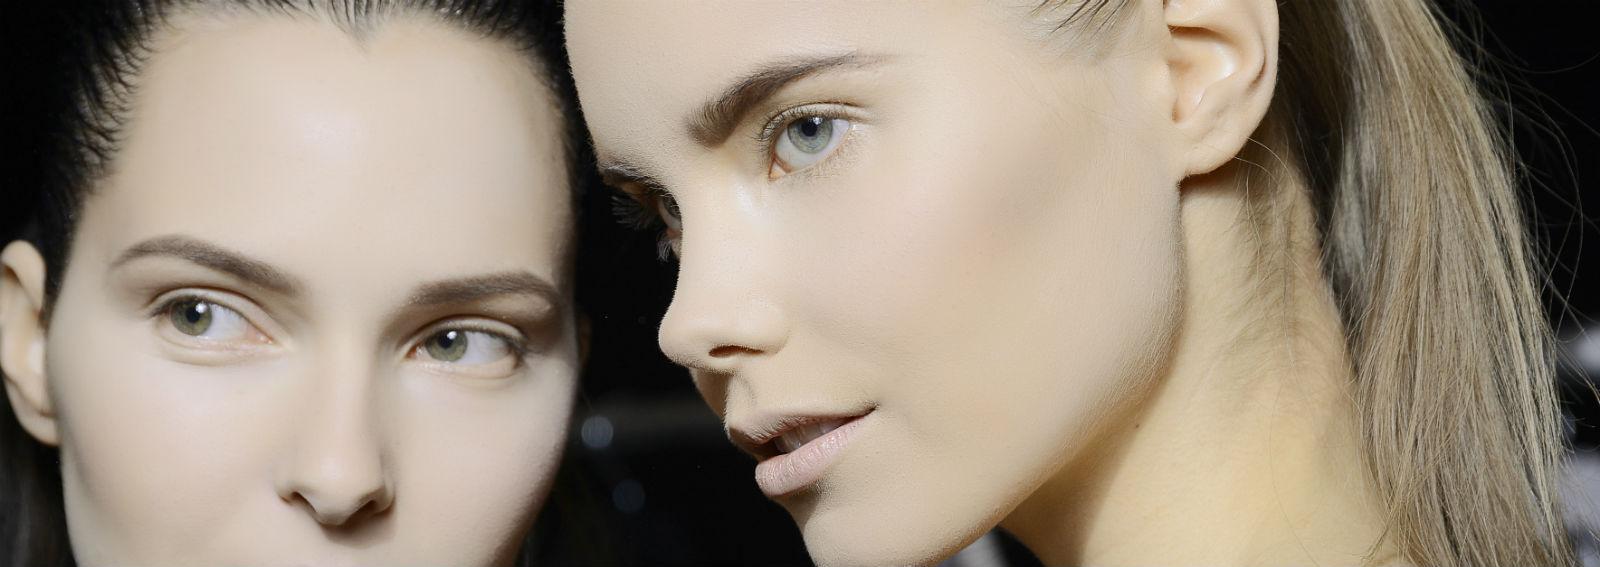 cover-obiettivo-pelle-perfetta-con-fondotinta-desktop